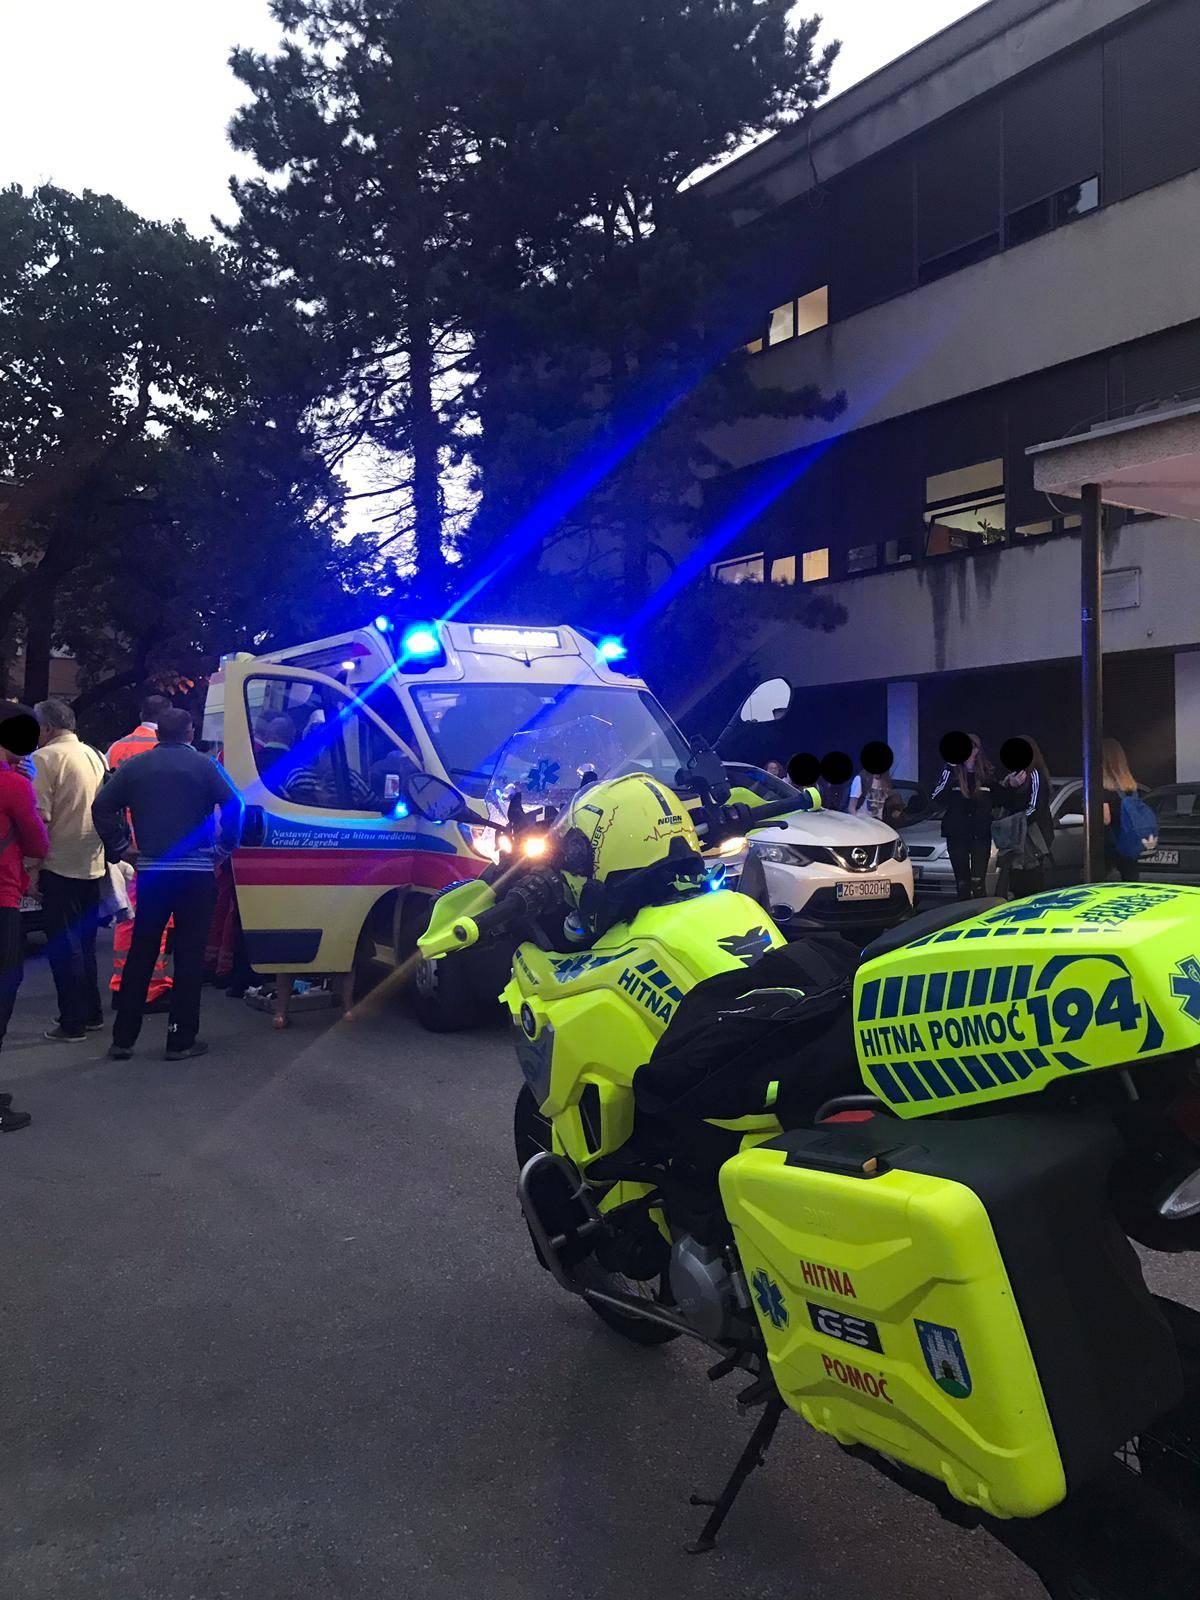 Posljedice bačenog suzavca u školi: Četvero učenika u bolnici